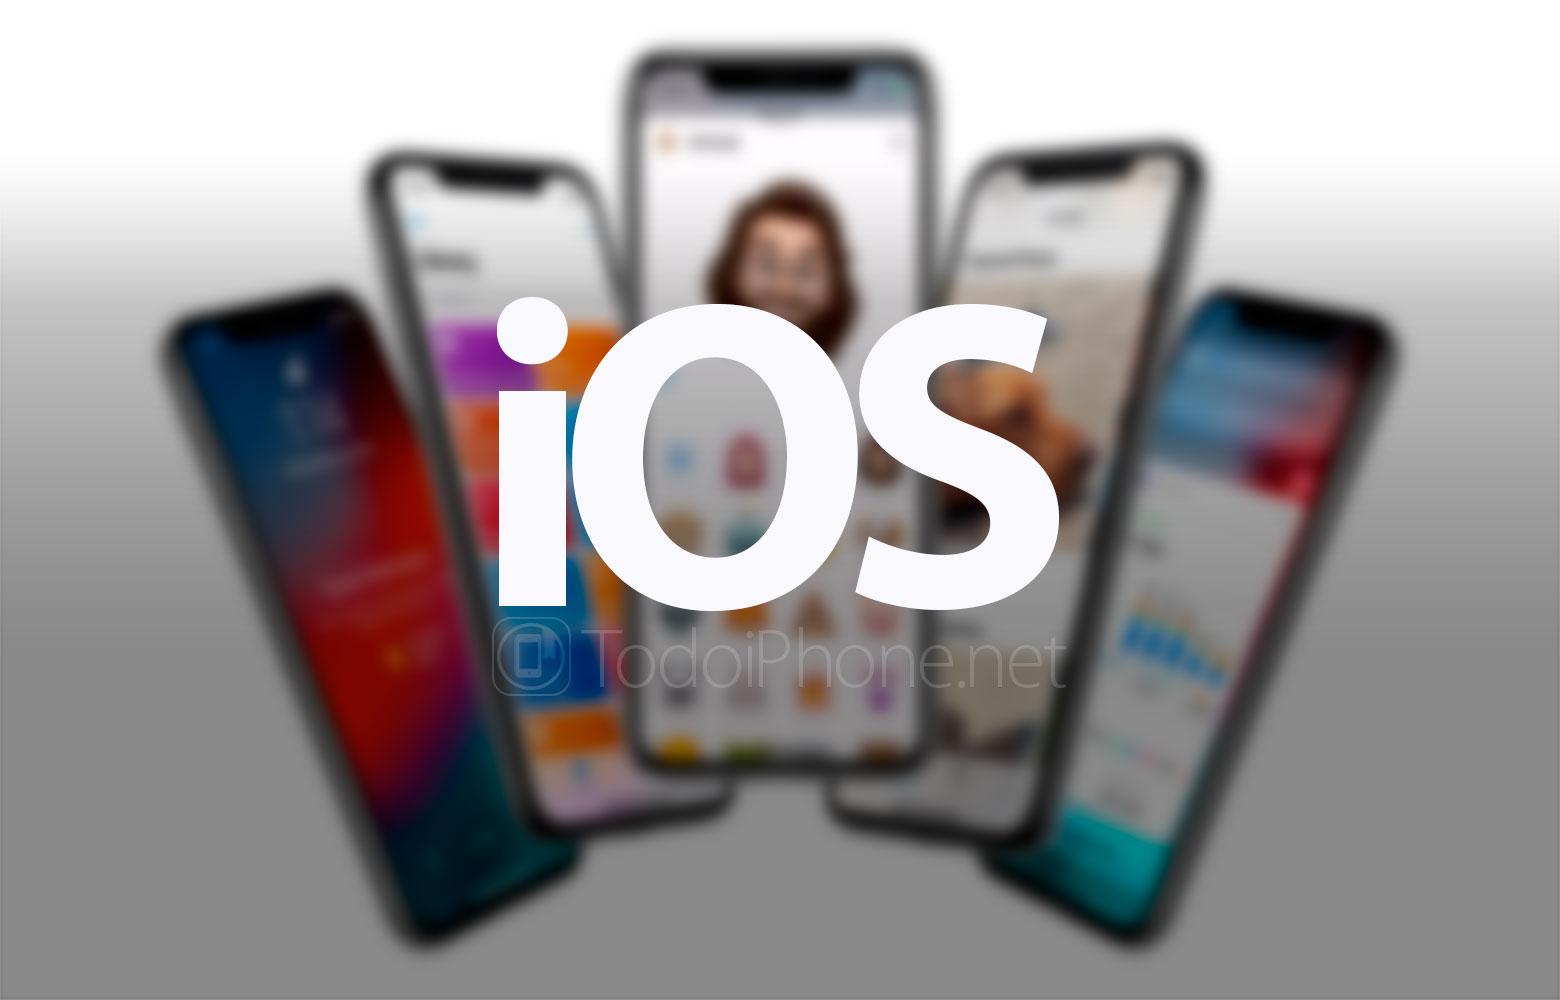 Cómo acceder y enviar fotos en iMessage en iOS 12 para iPhone y iPad